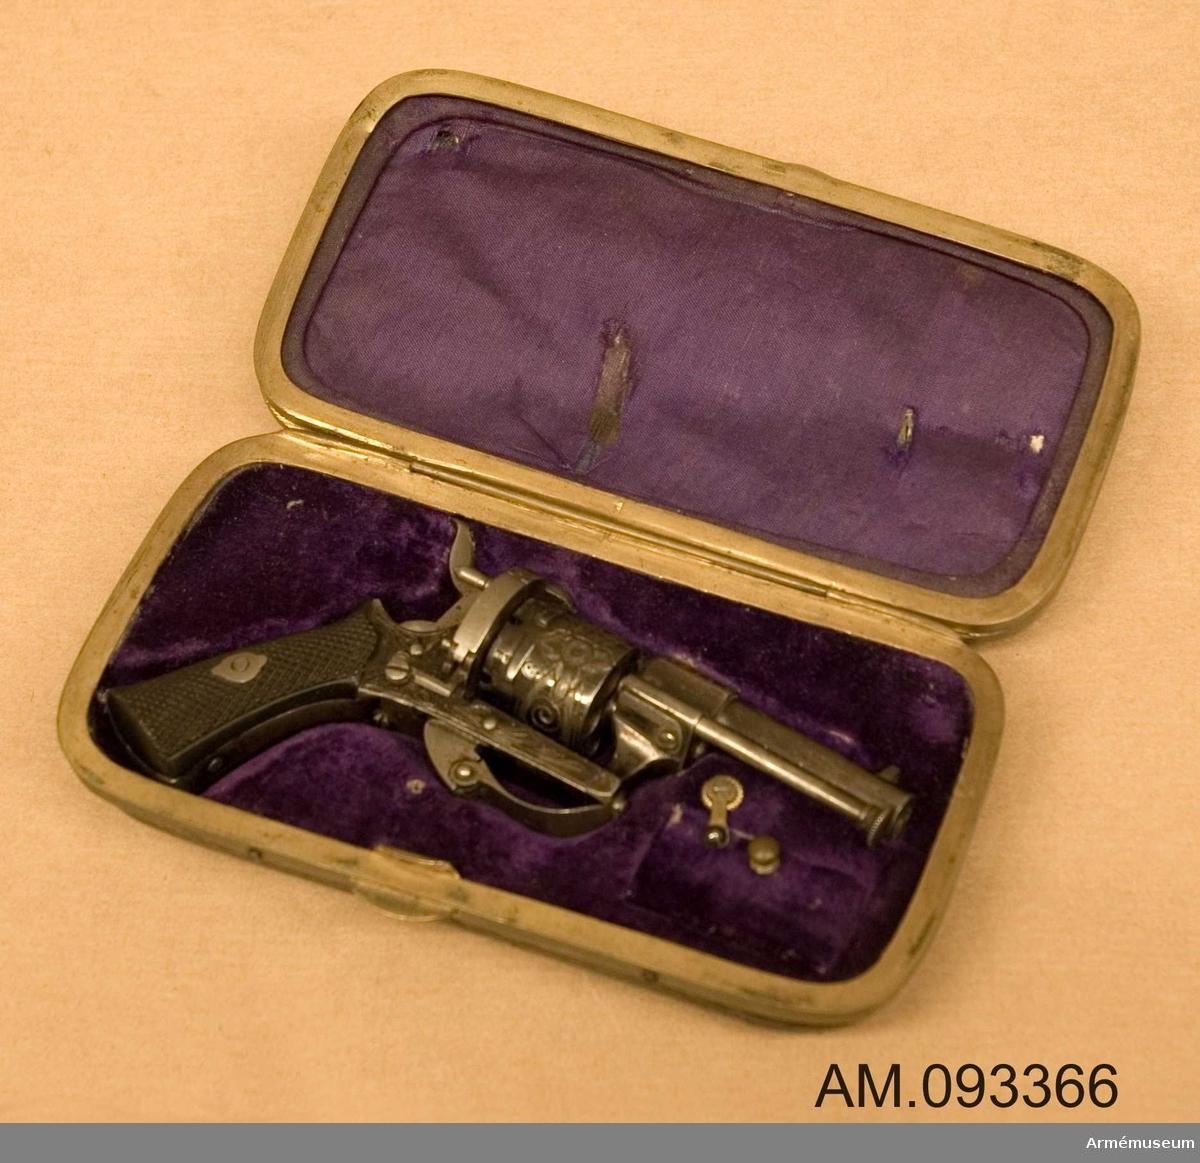 Bär på belgiska stämplar. Förvaras i svart låda fodrad med lila sammetstyg tillsammans med tre stycken cigarrer och fem stycken mindre patroner.